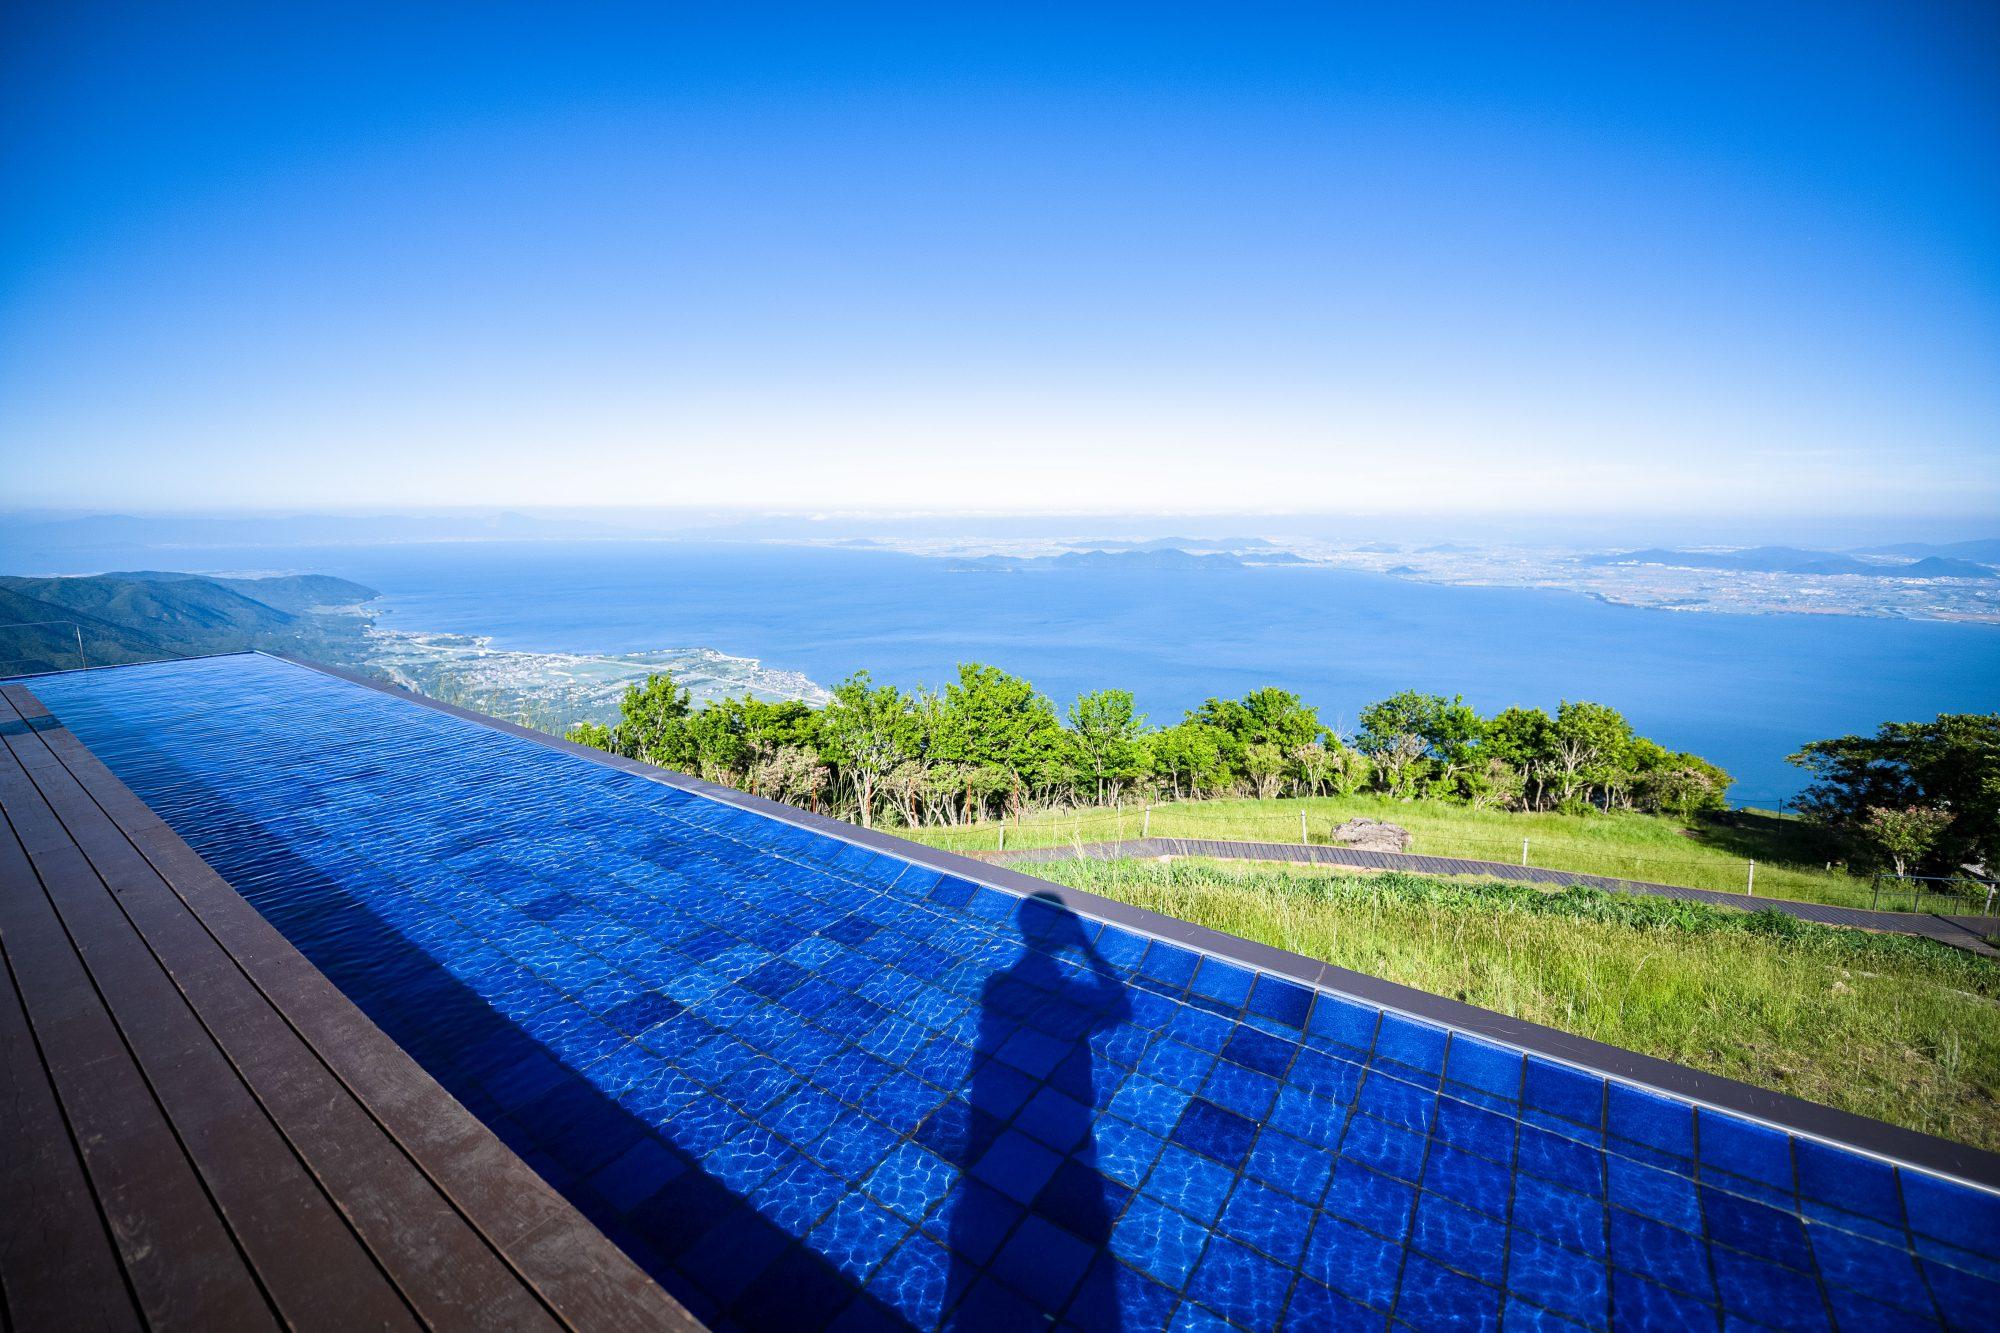 会場となるびわ湖バレイの「びわ湖テラス」は関西では有名な景観スポット!!